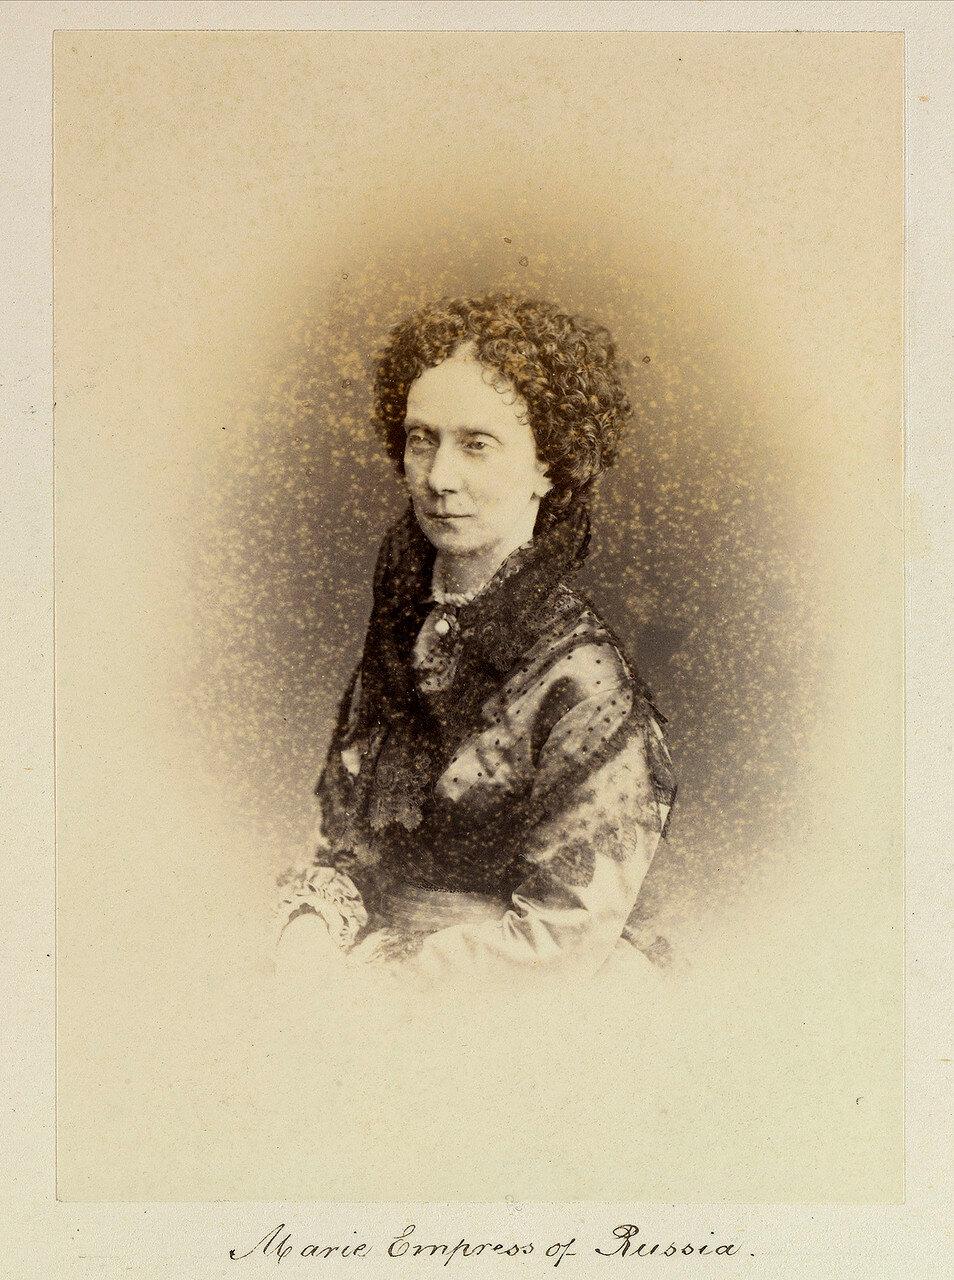 Мария Александровна (27 июля (8 августа) 1824, Дармштадт — 22 мая (3 июня) 1880, Санкт-Петербург) — принцесса Гессенского дома, супруга российского императора Александра II и мать императора Александра III. 1873